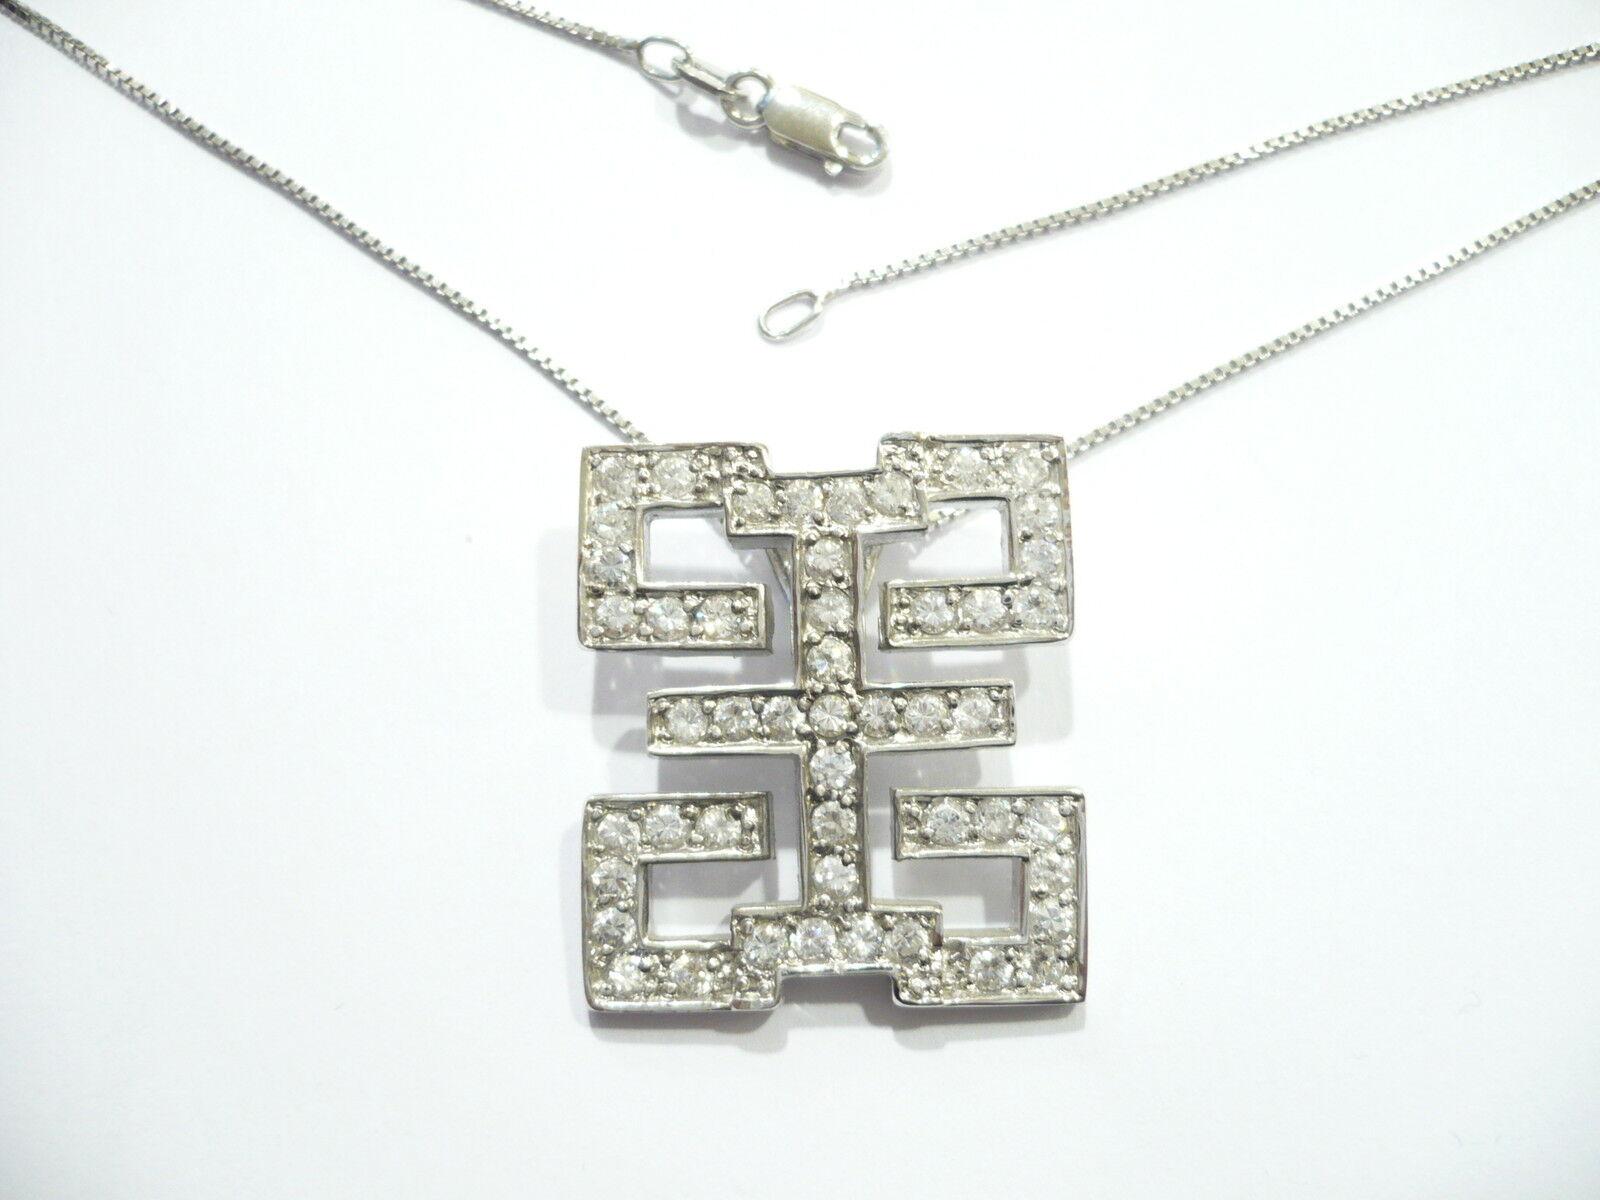 COLLAR silver 925 FANTASIA DE BRILLANTE